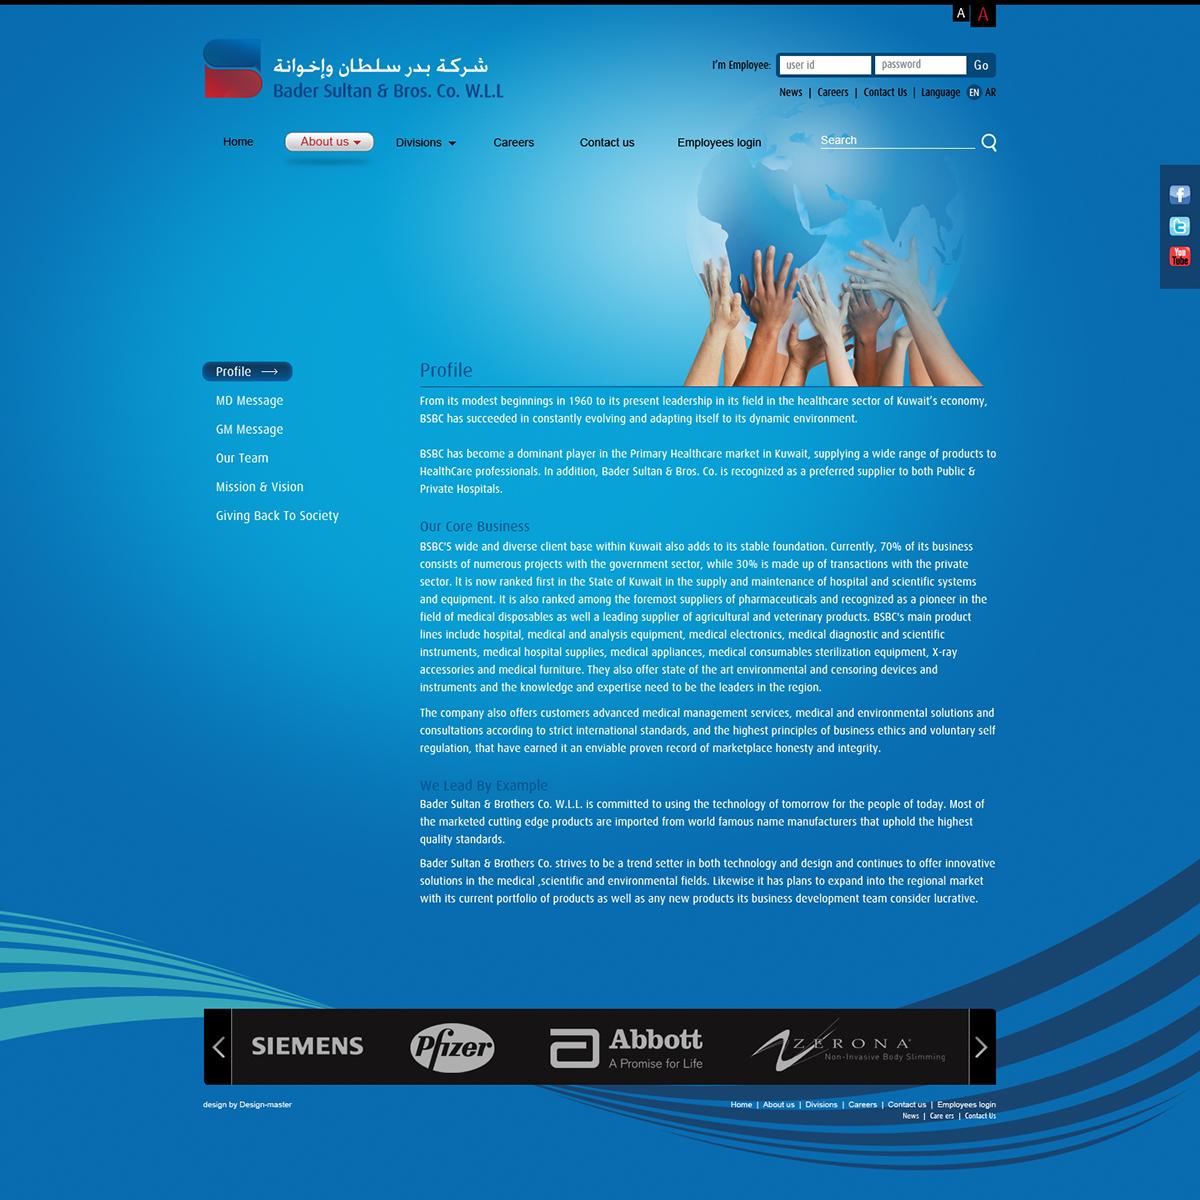 badersultan website on Wacom Gallery